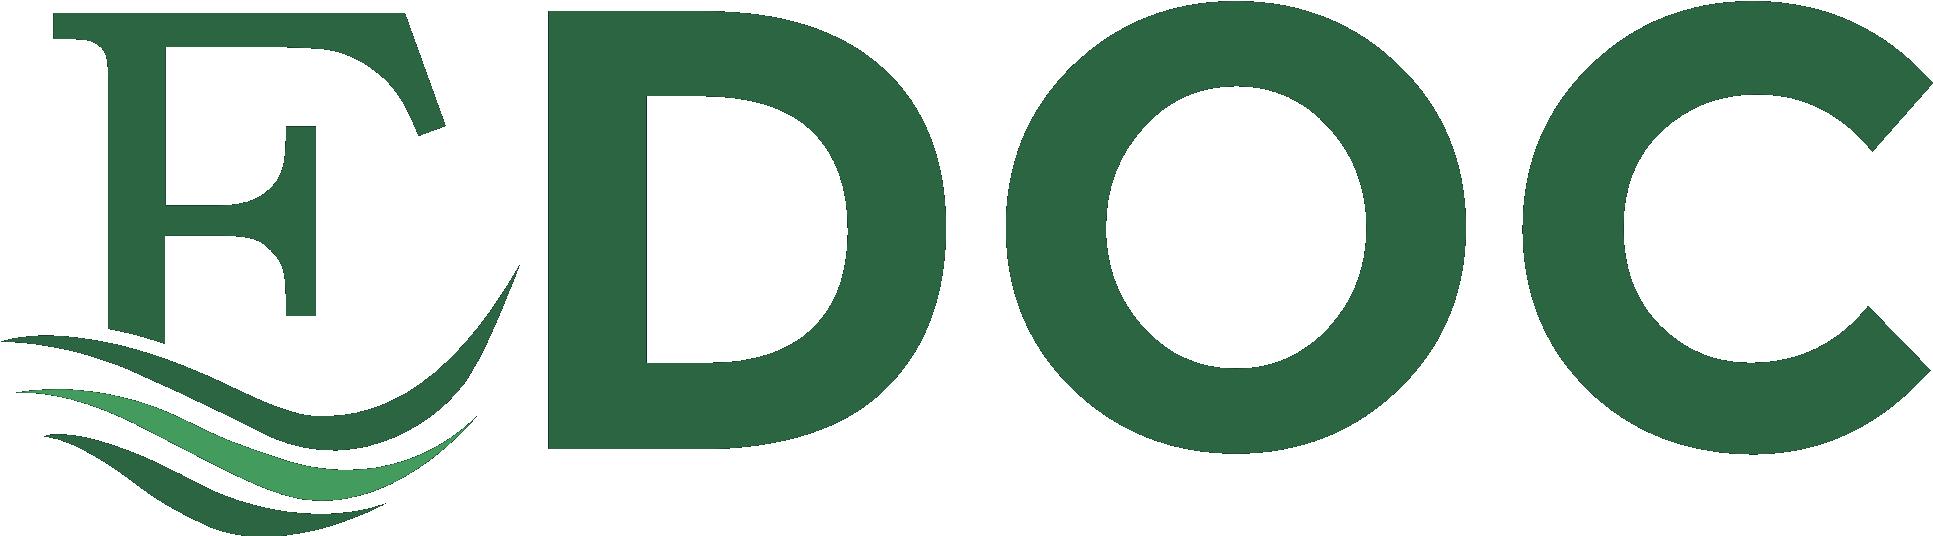 hirudoterápia visszerek esetén a piócák beállítási sémája